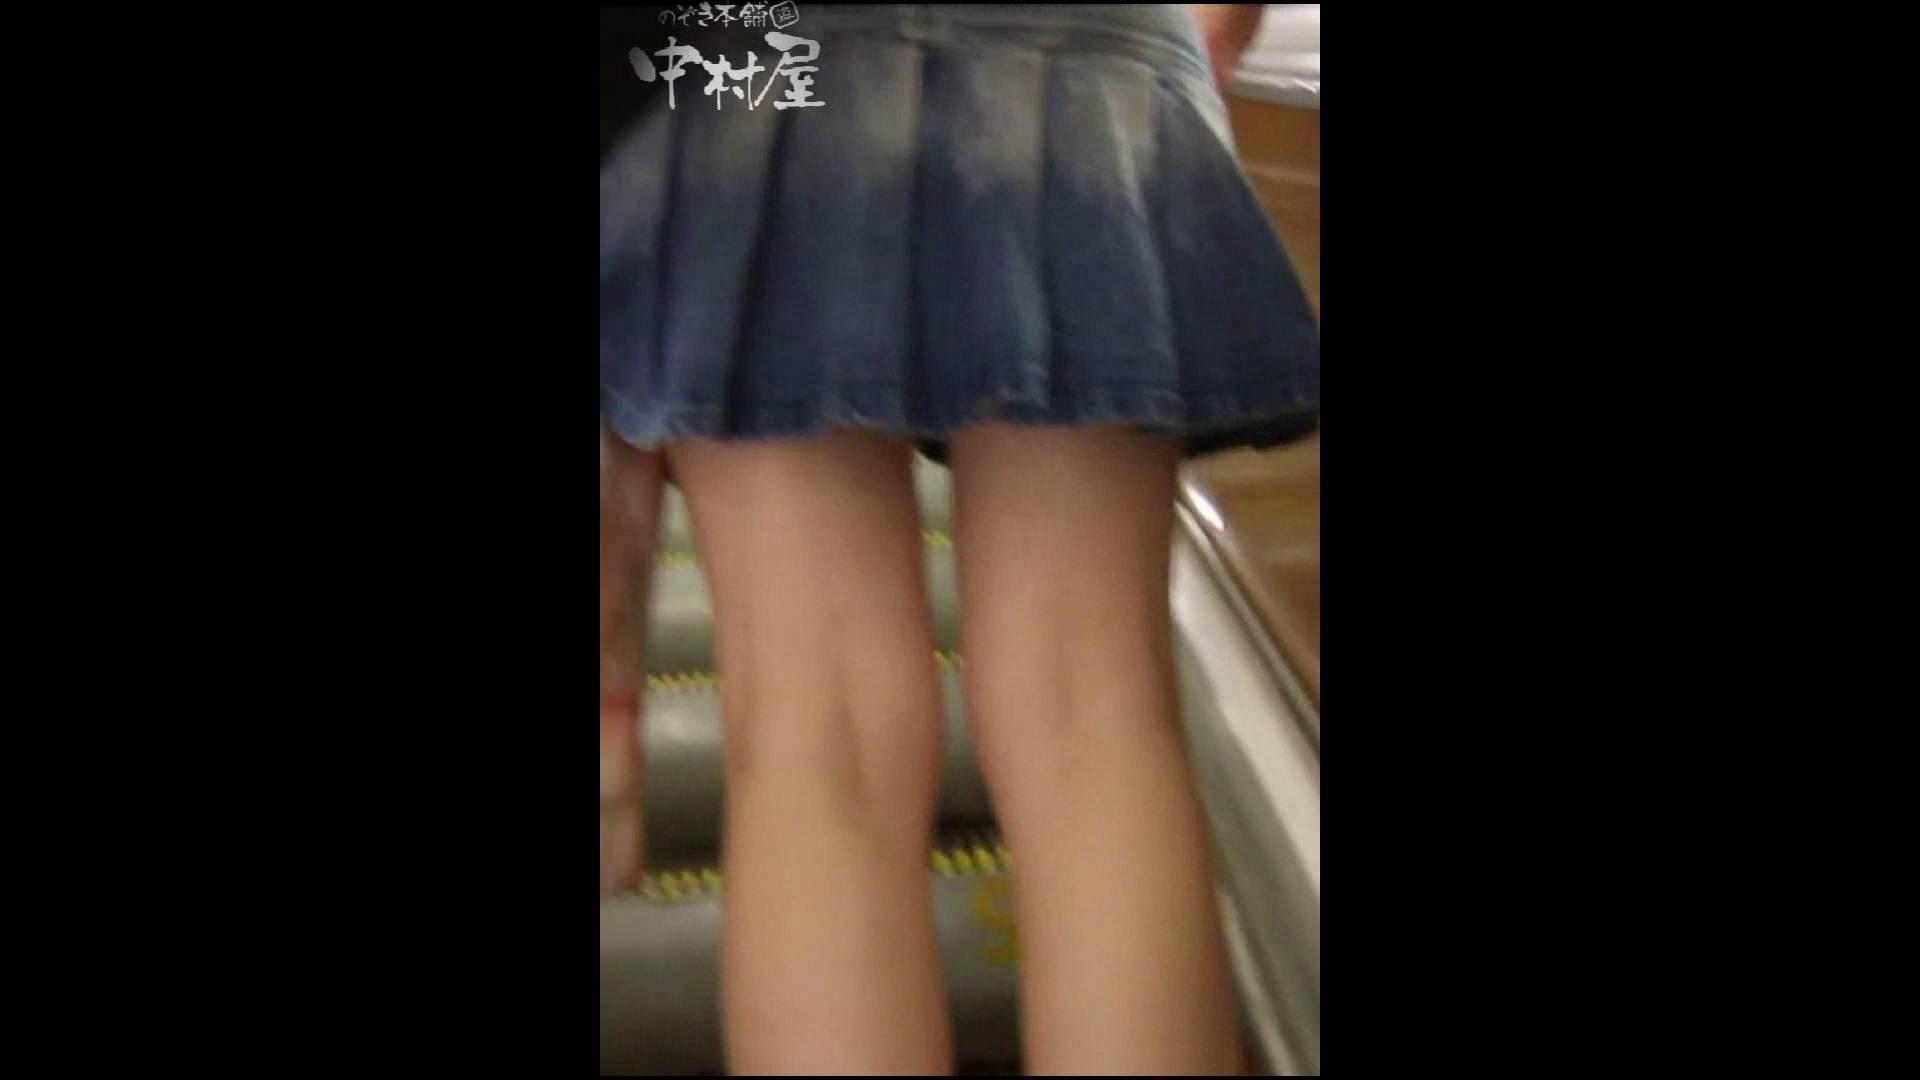 綺麗なモデルさんのスカート捲っちゃおう‼ vol07 OLのエロ生活  66連発 45